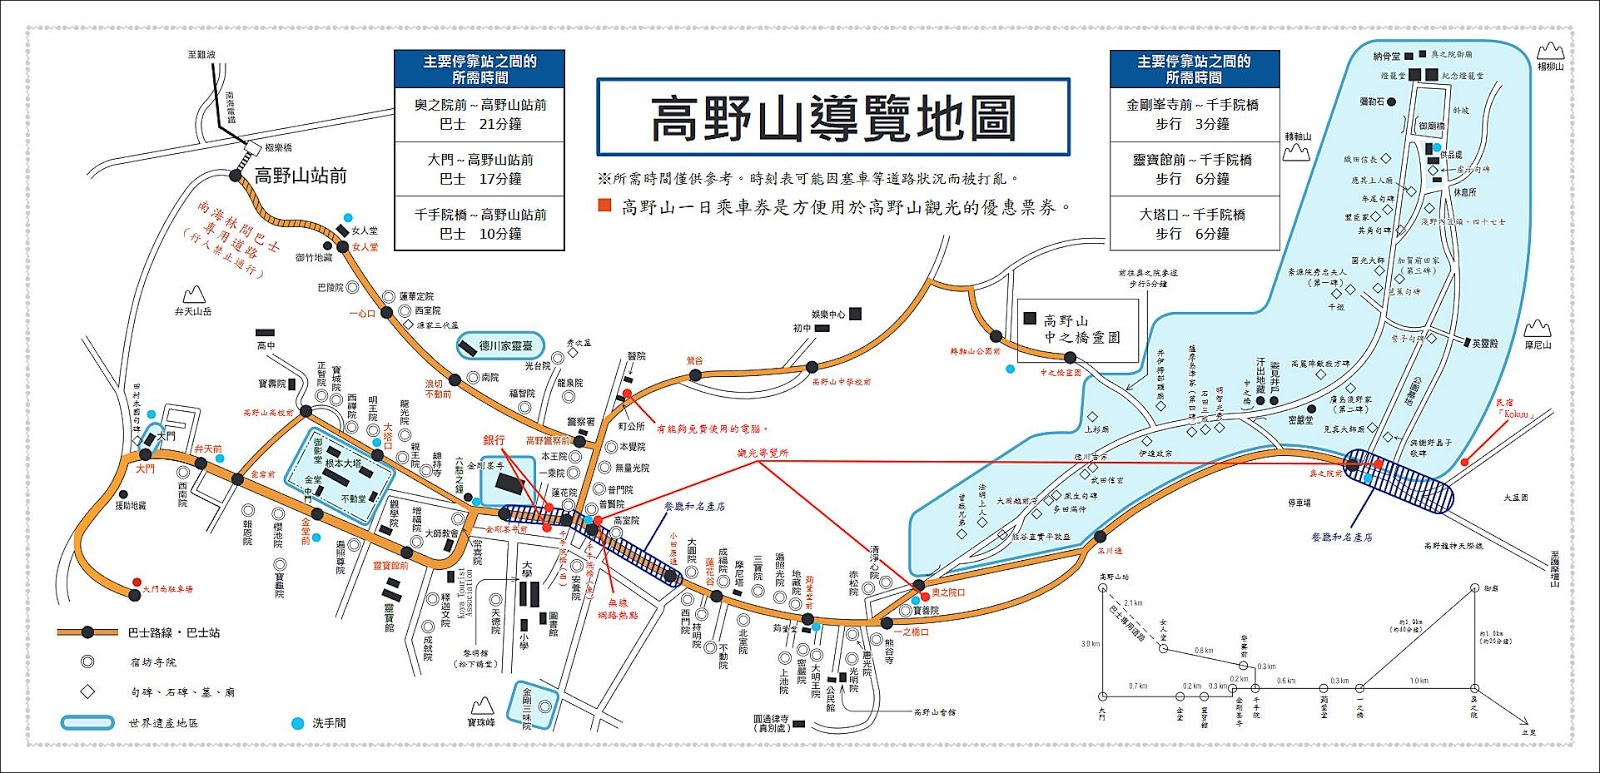 和歌山-高野山-巴士地圖-高野山景點-高野山交通-行程-攻略-一日遊-二日遊-自由行-旅遊-遊記-Koyasan-Travel-Japan-日本